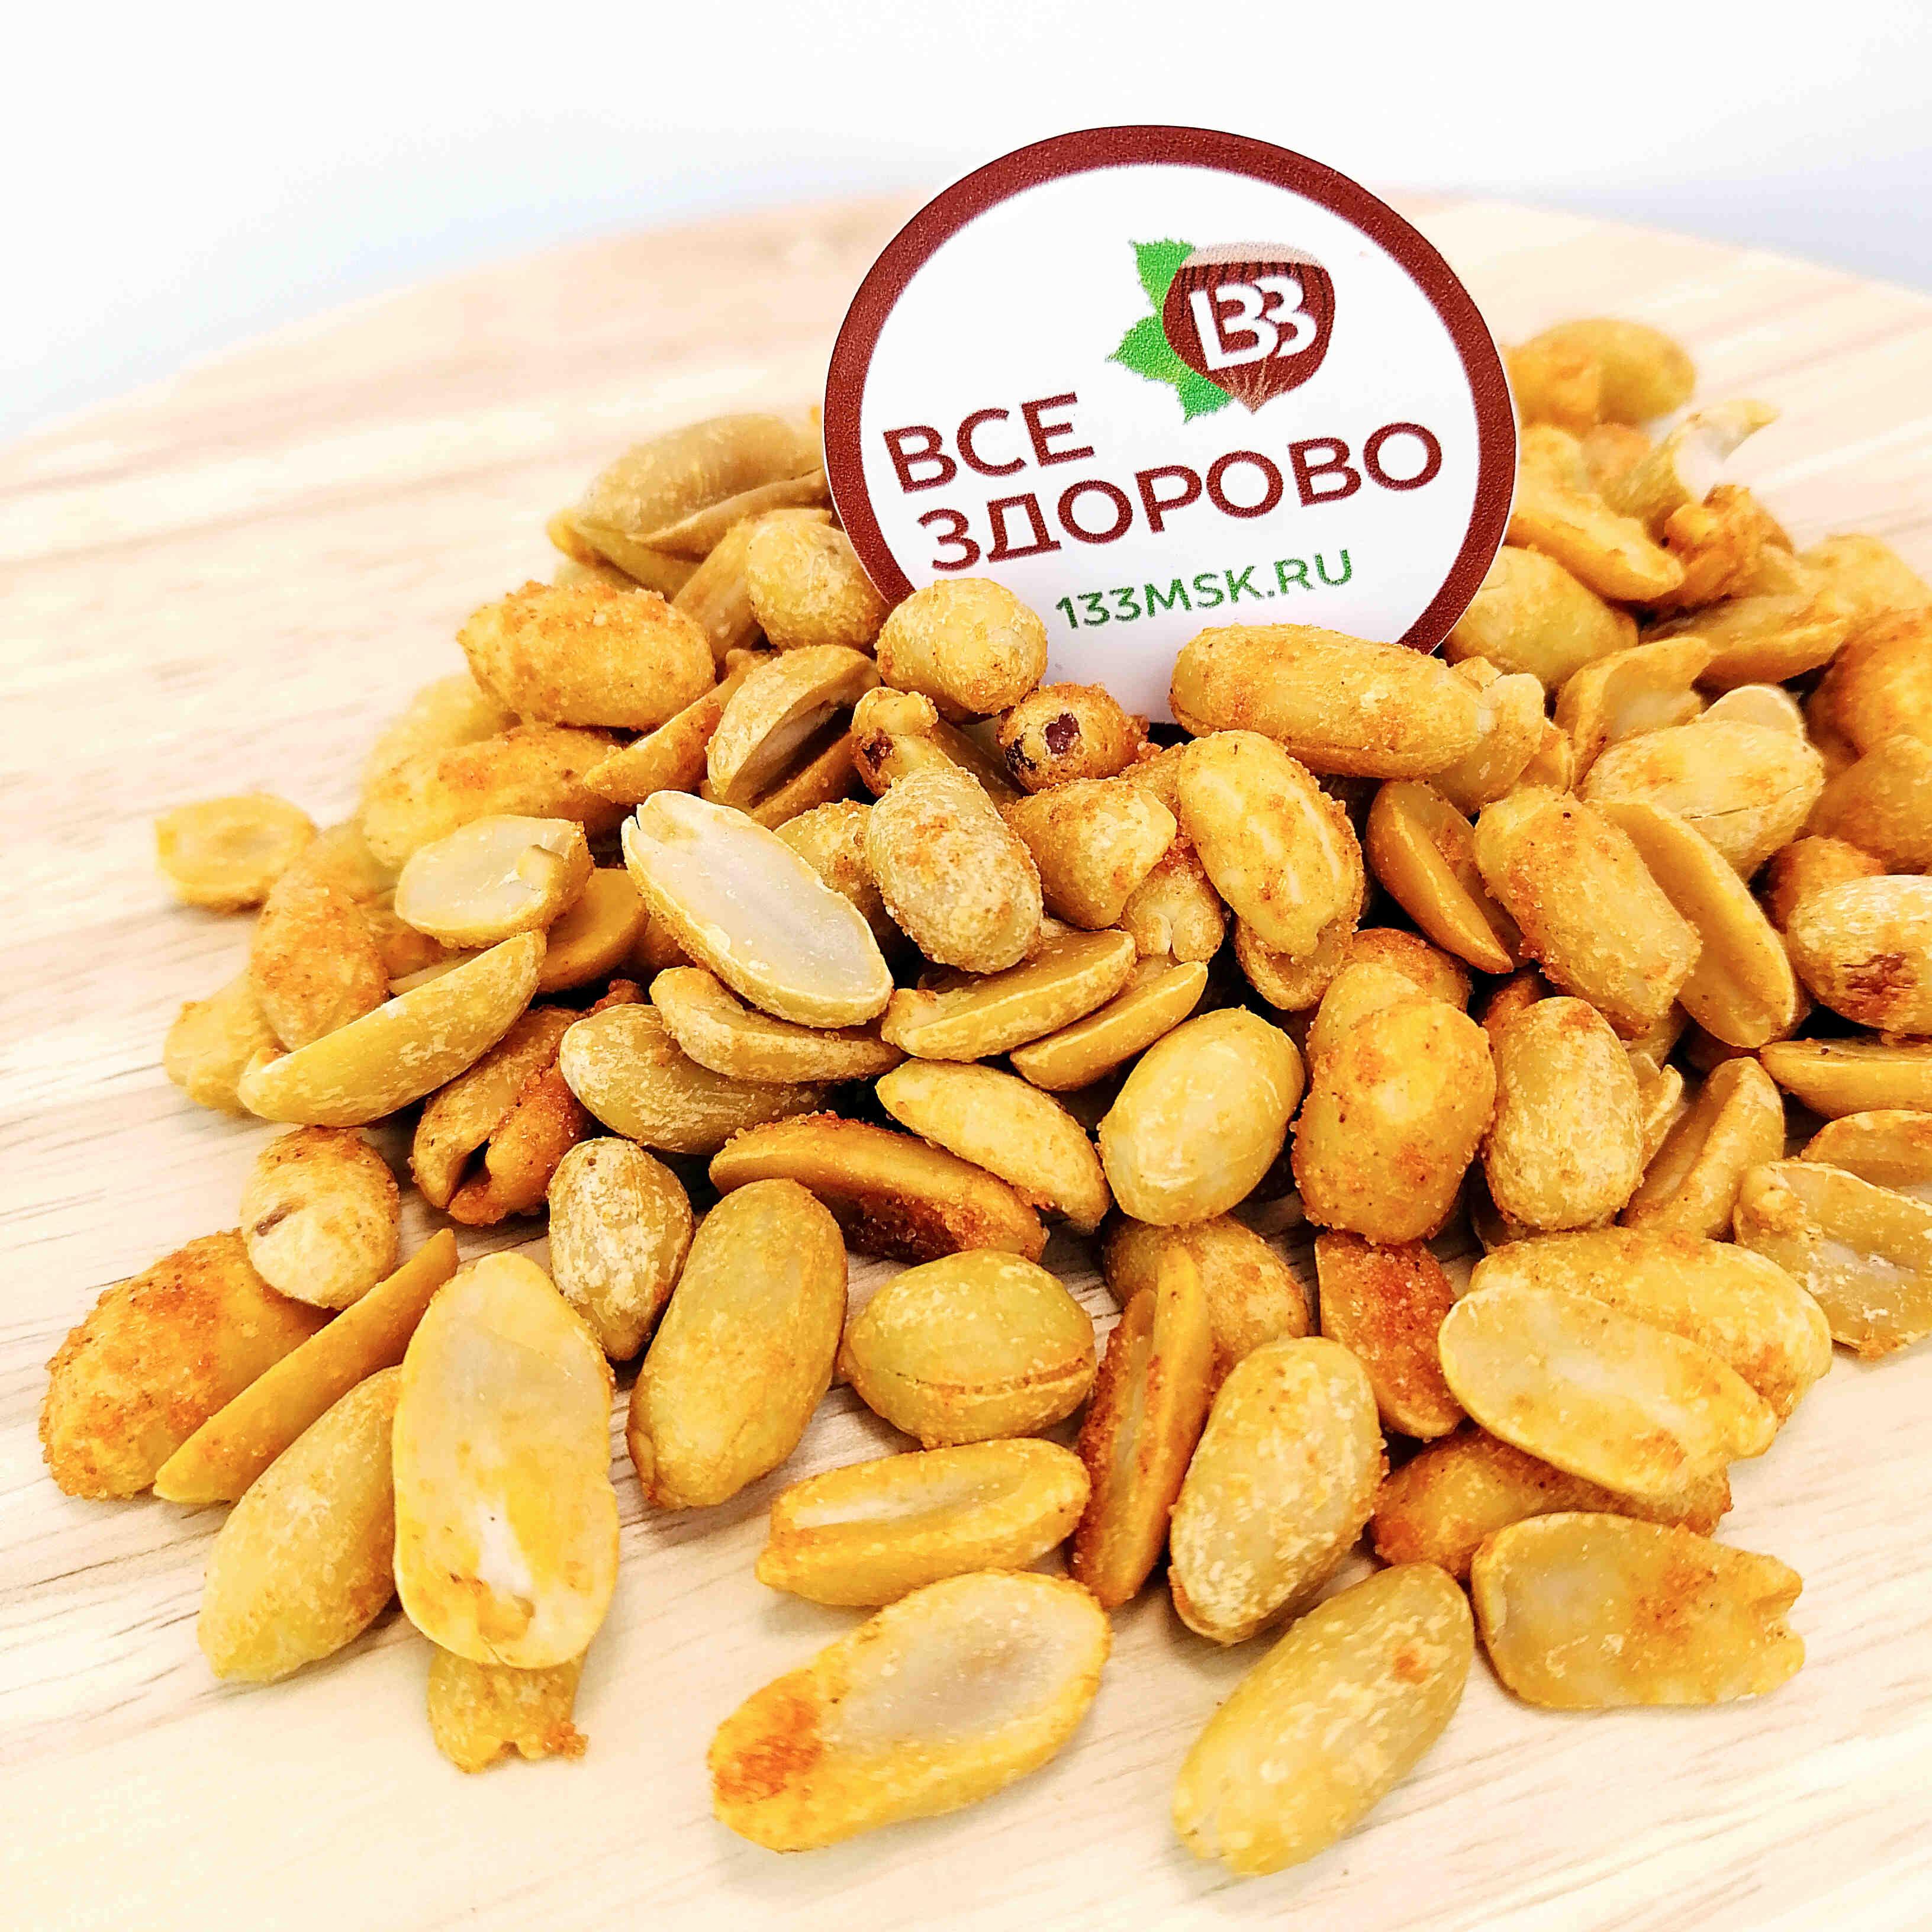 Как пожарить арахис: на сковороде, в микроволновке, в духовке, чтобы было вкусно, можно ли приготовить в скорлупе, как быстро очистить от шелухи?